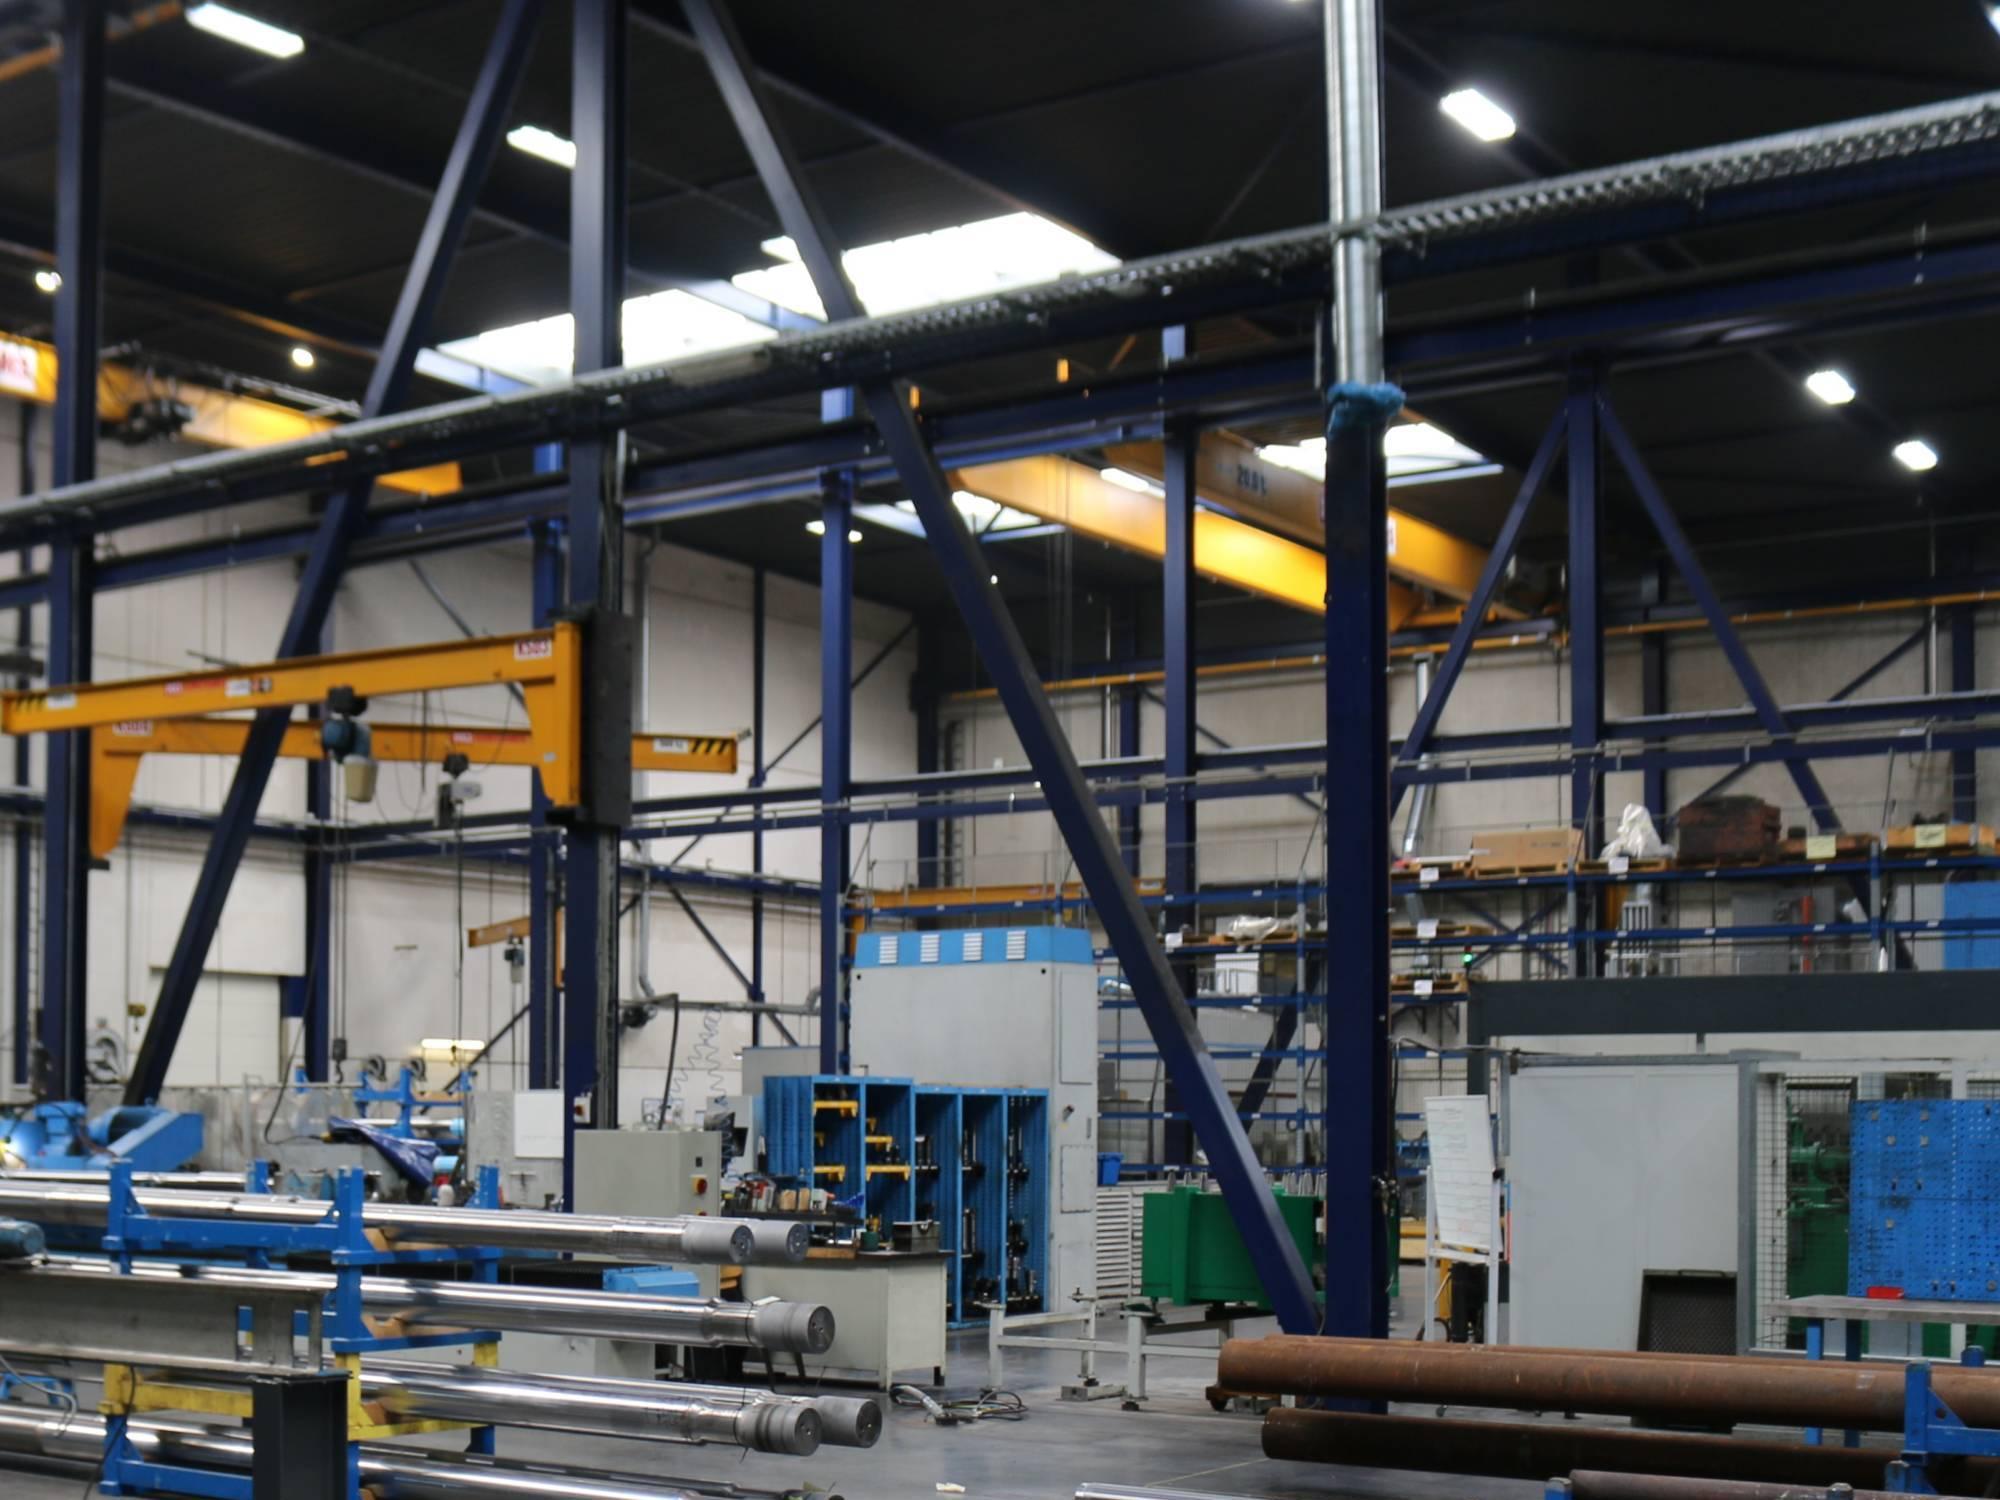 Nachhaltige LED-Beleuchtung Maschinenbau